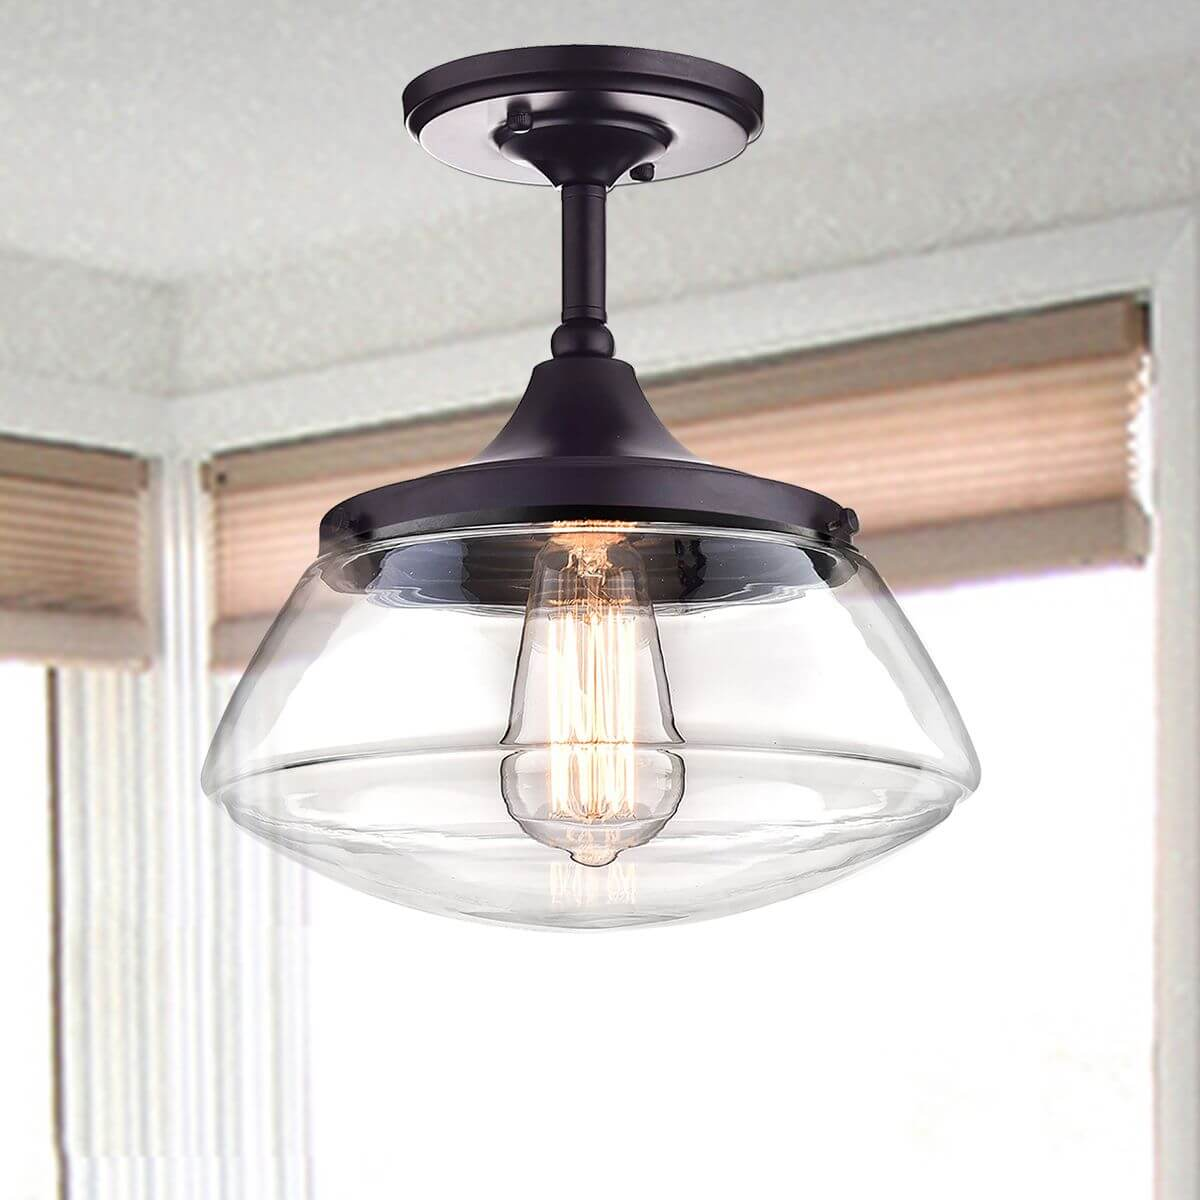 Bronze Semi Flush Mount Ceiling Light